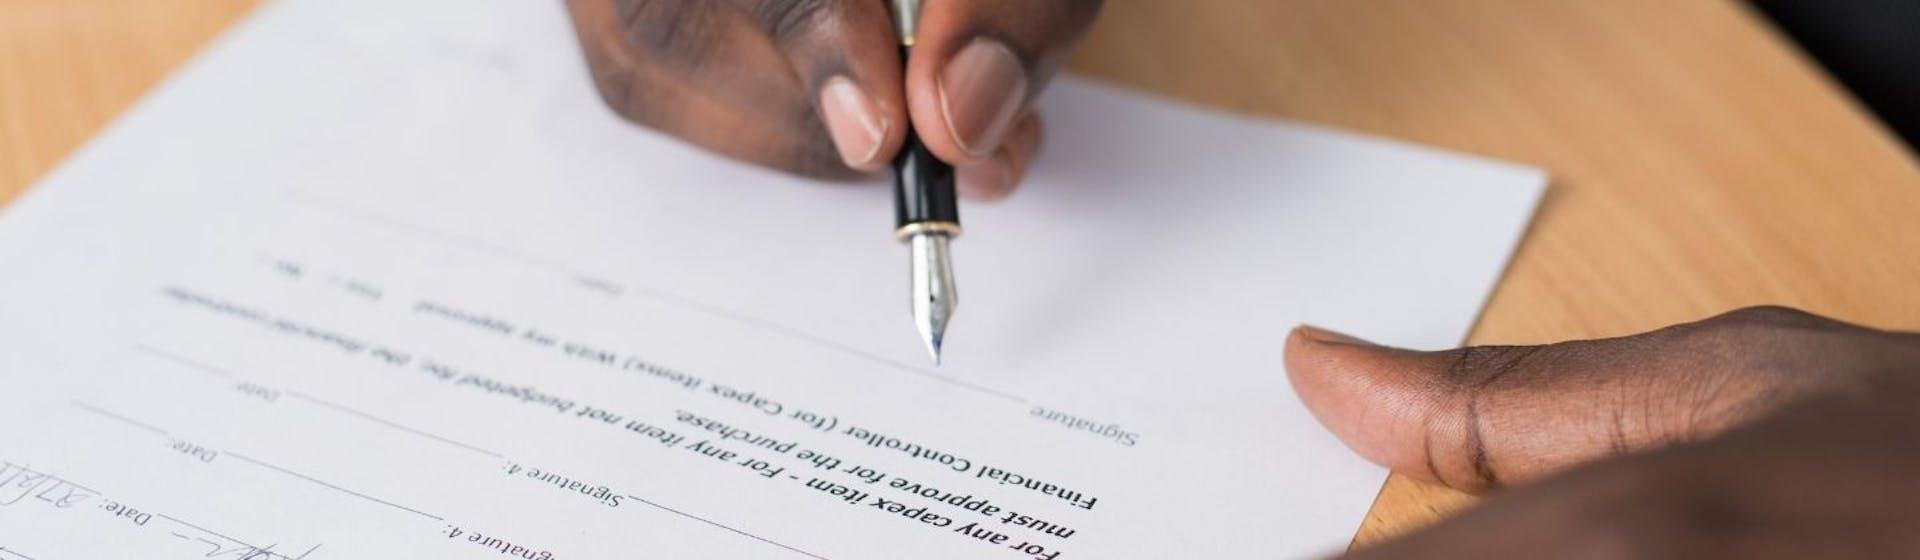 ¿Qué es un formulario? ¡La mejor forma de recopilar información!